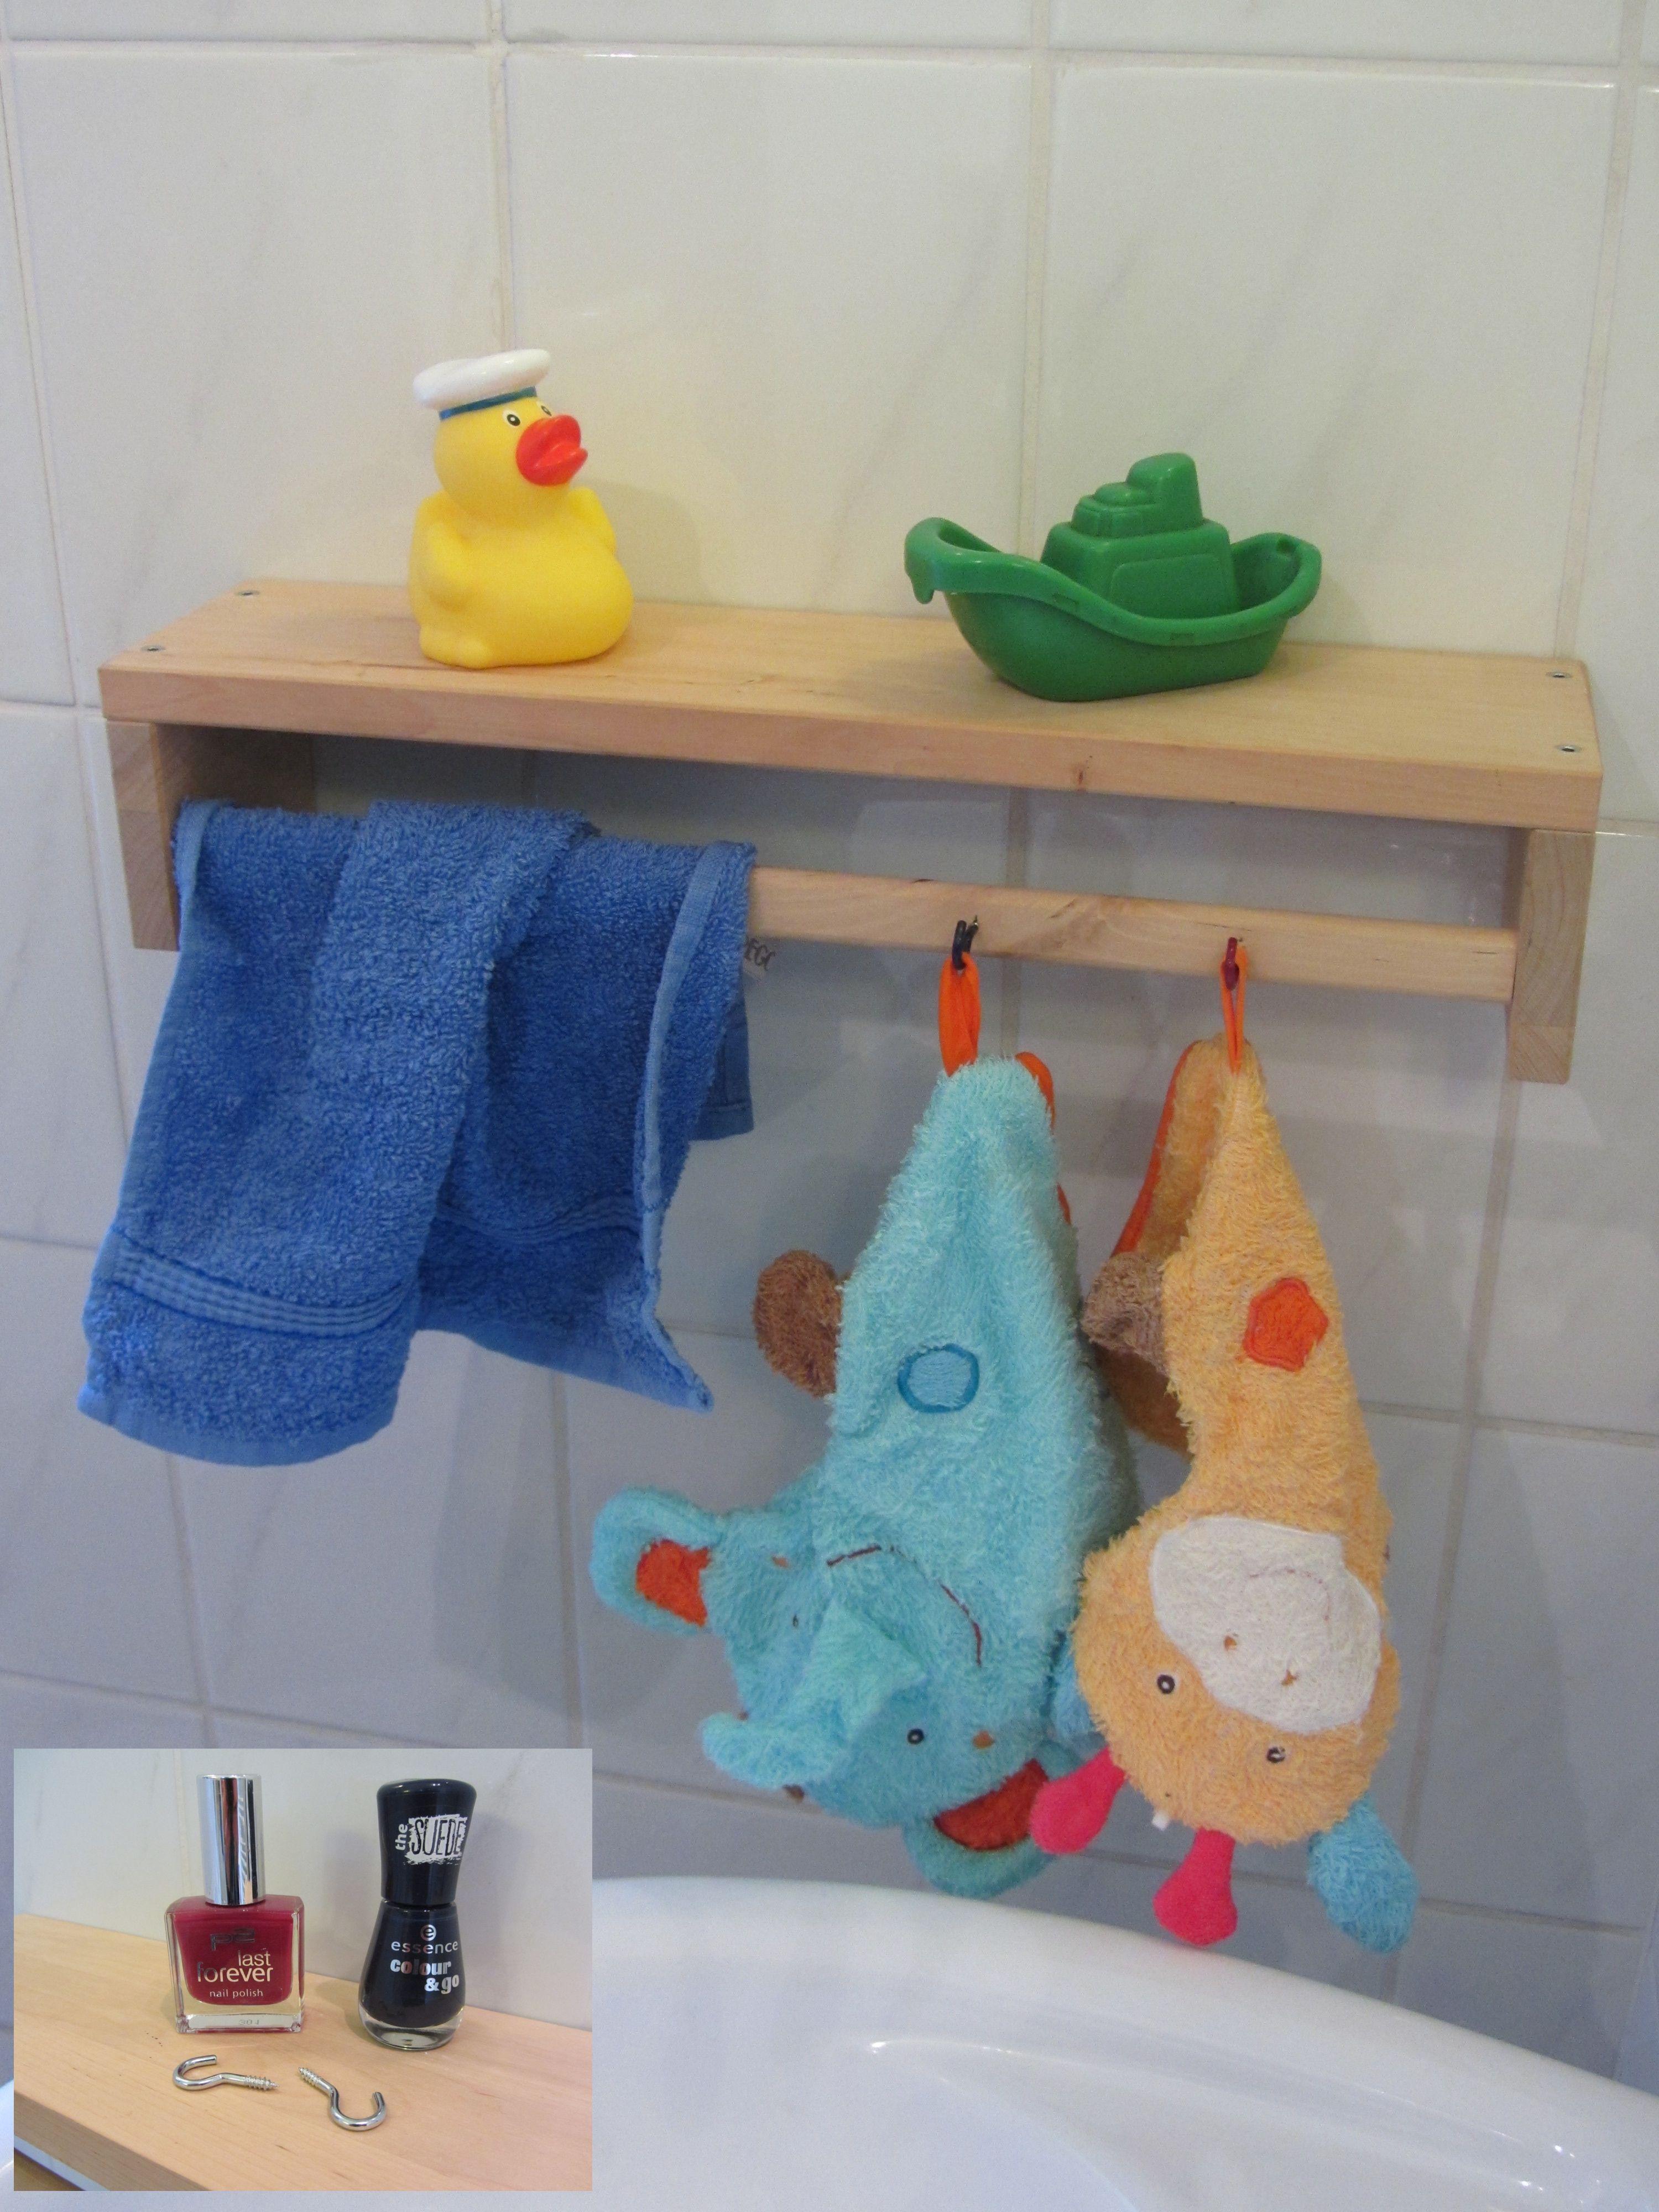 Gewurzregal Ikea Spice Rack Bekvam Badezimmer 1 Handtuchhalter Fur Kinder 1 Regal Invers Anbringen Handtuchhalter Kinder Handtuchhalter Ikea Gewurzregal